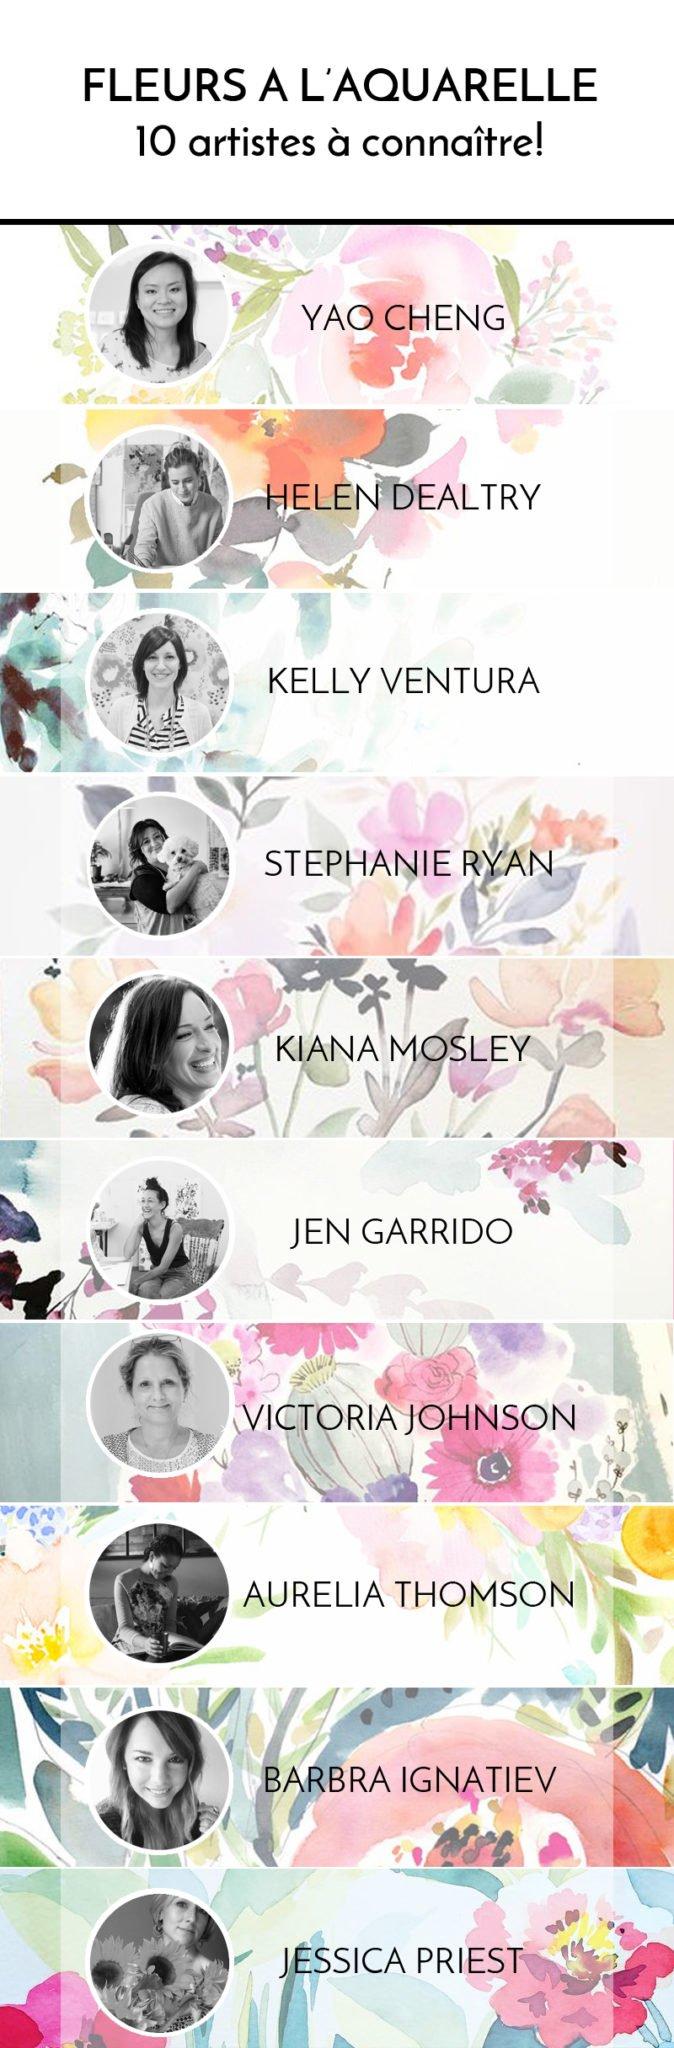 Préférence Fleurs à l'aquarelle: 10 artistes que vous devez connaitre XR08